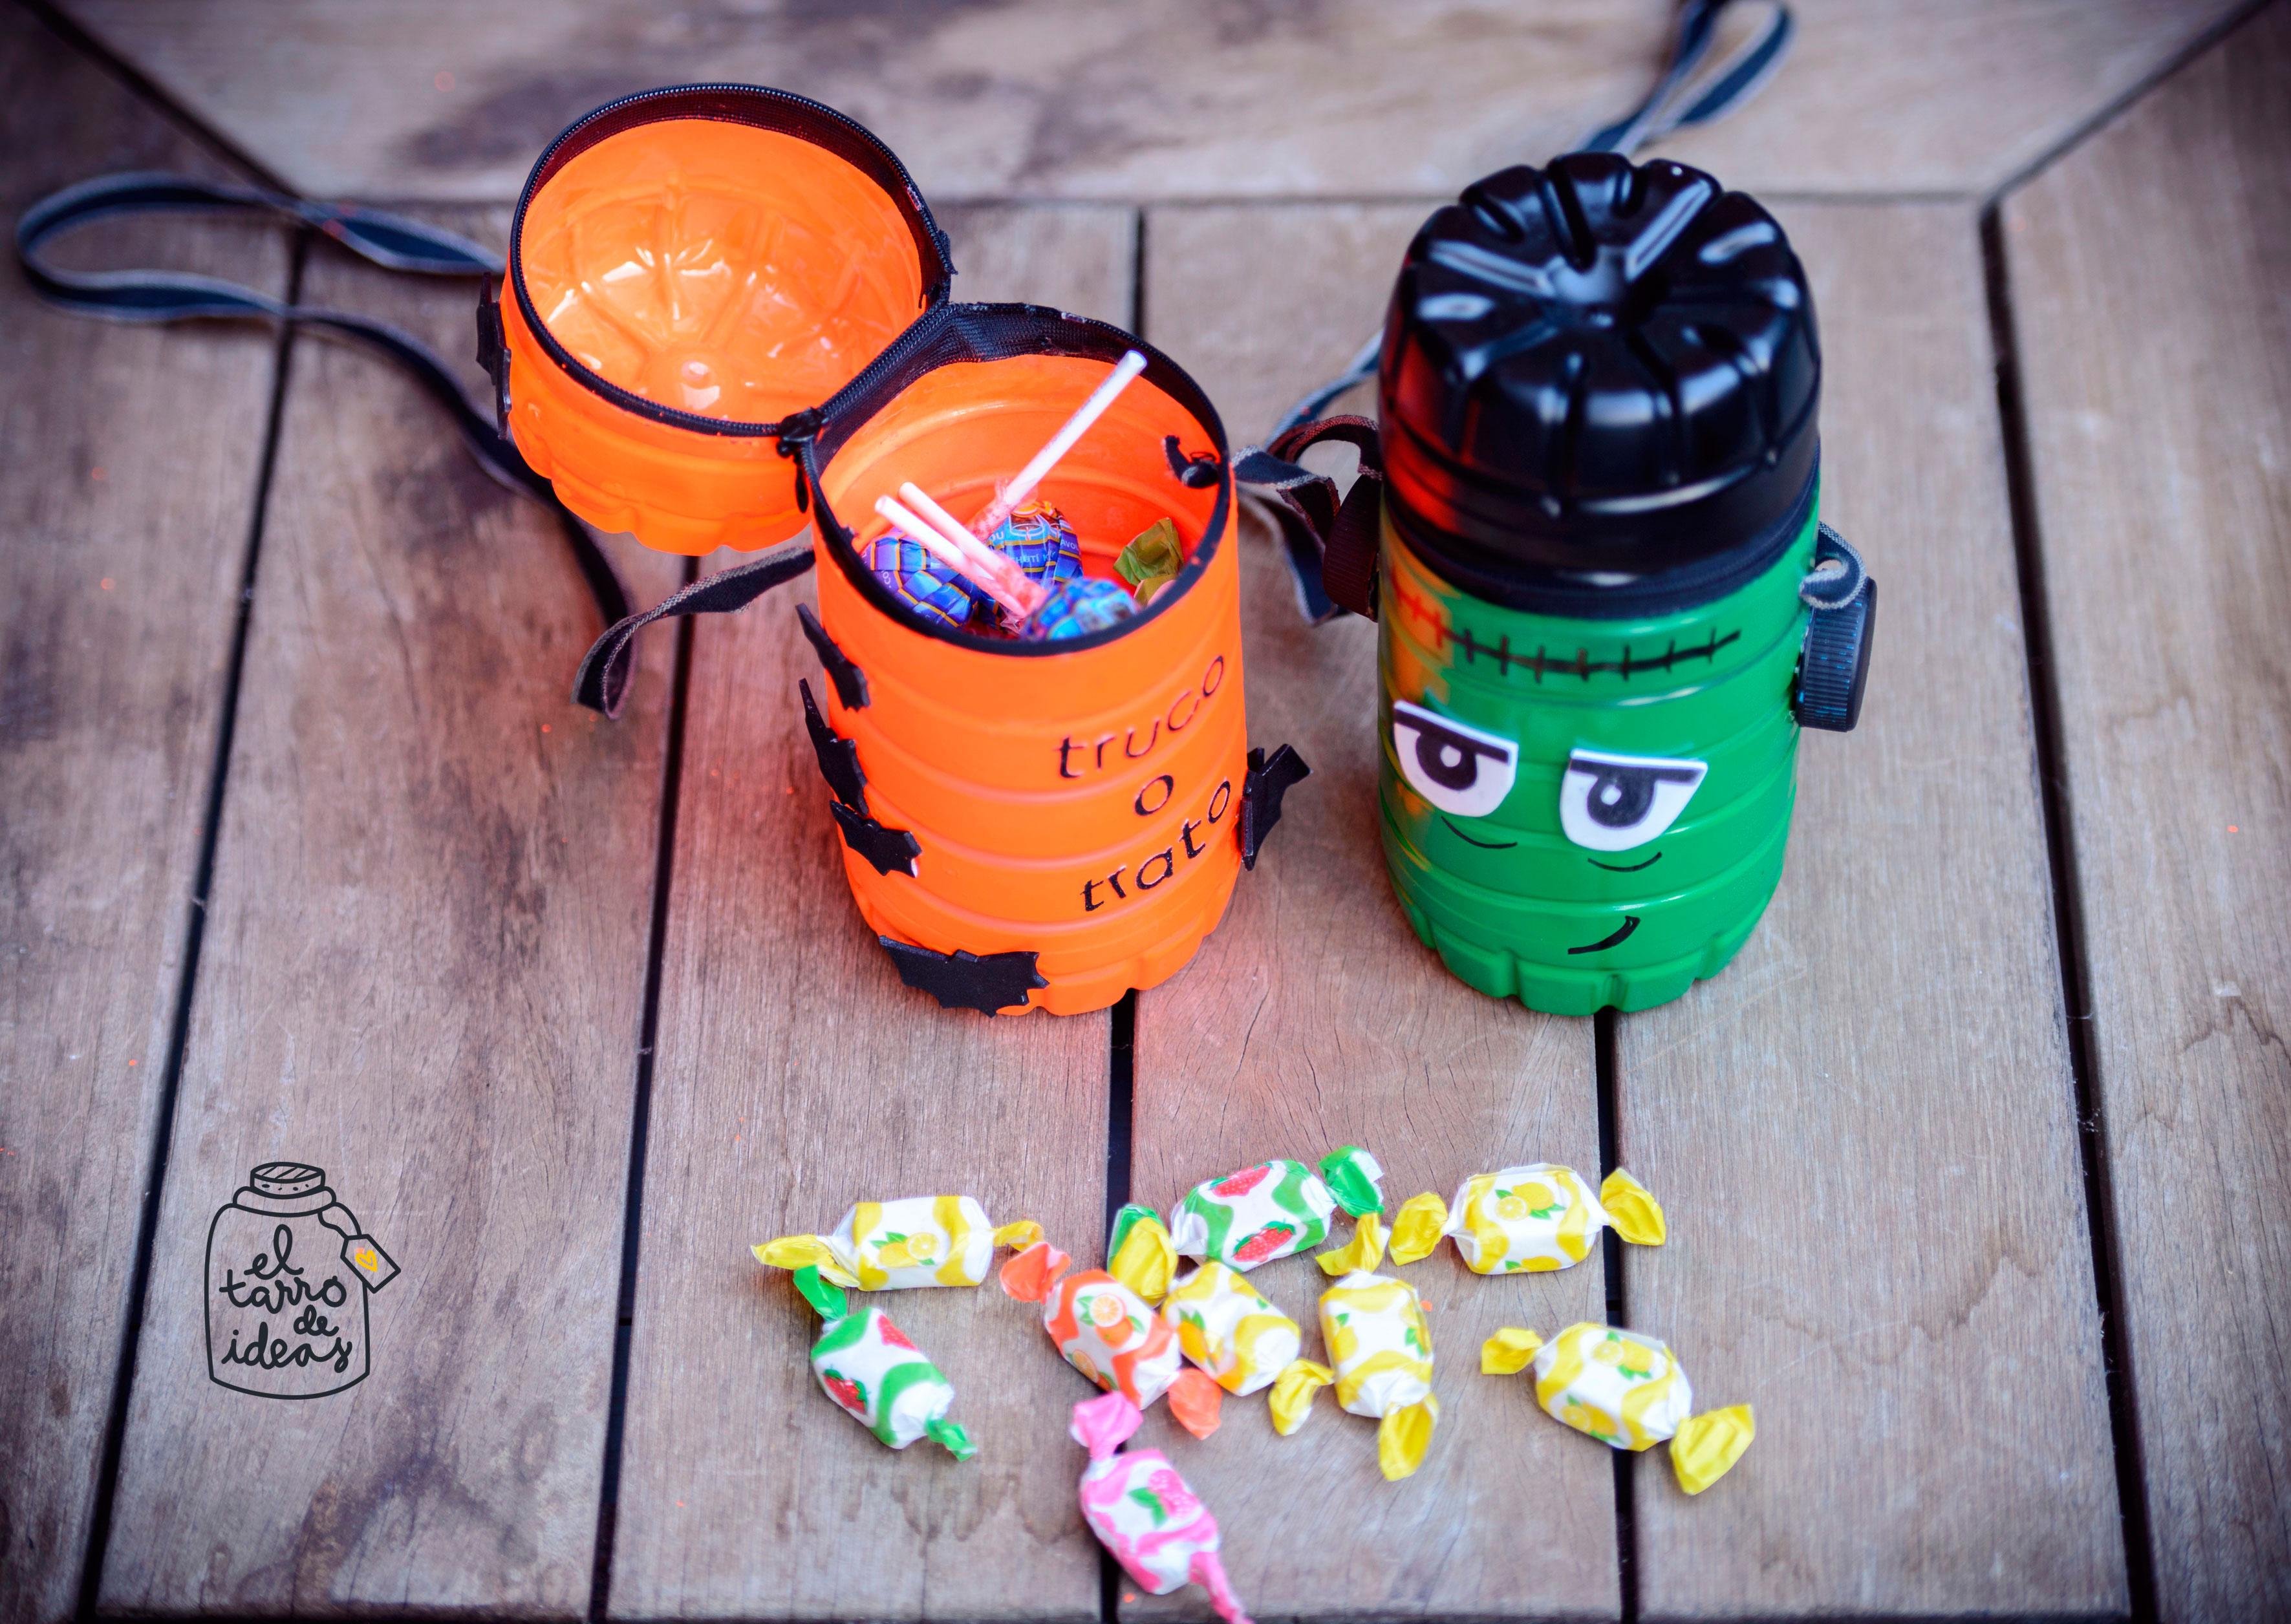 caramelos, caramelaco, monstruos, truco o trato, caramelos, halloween, manualidades, diy, handmade